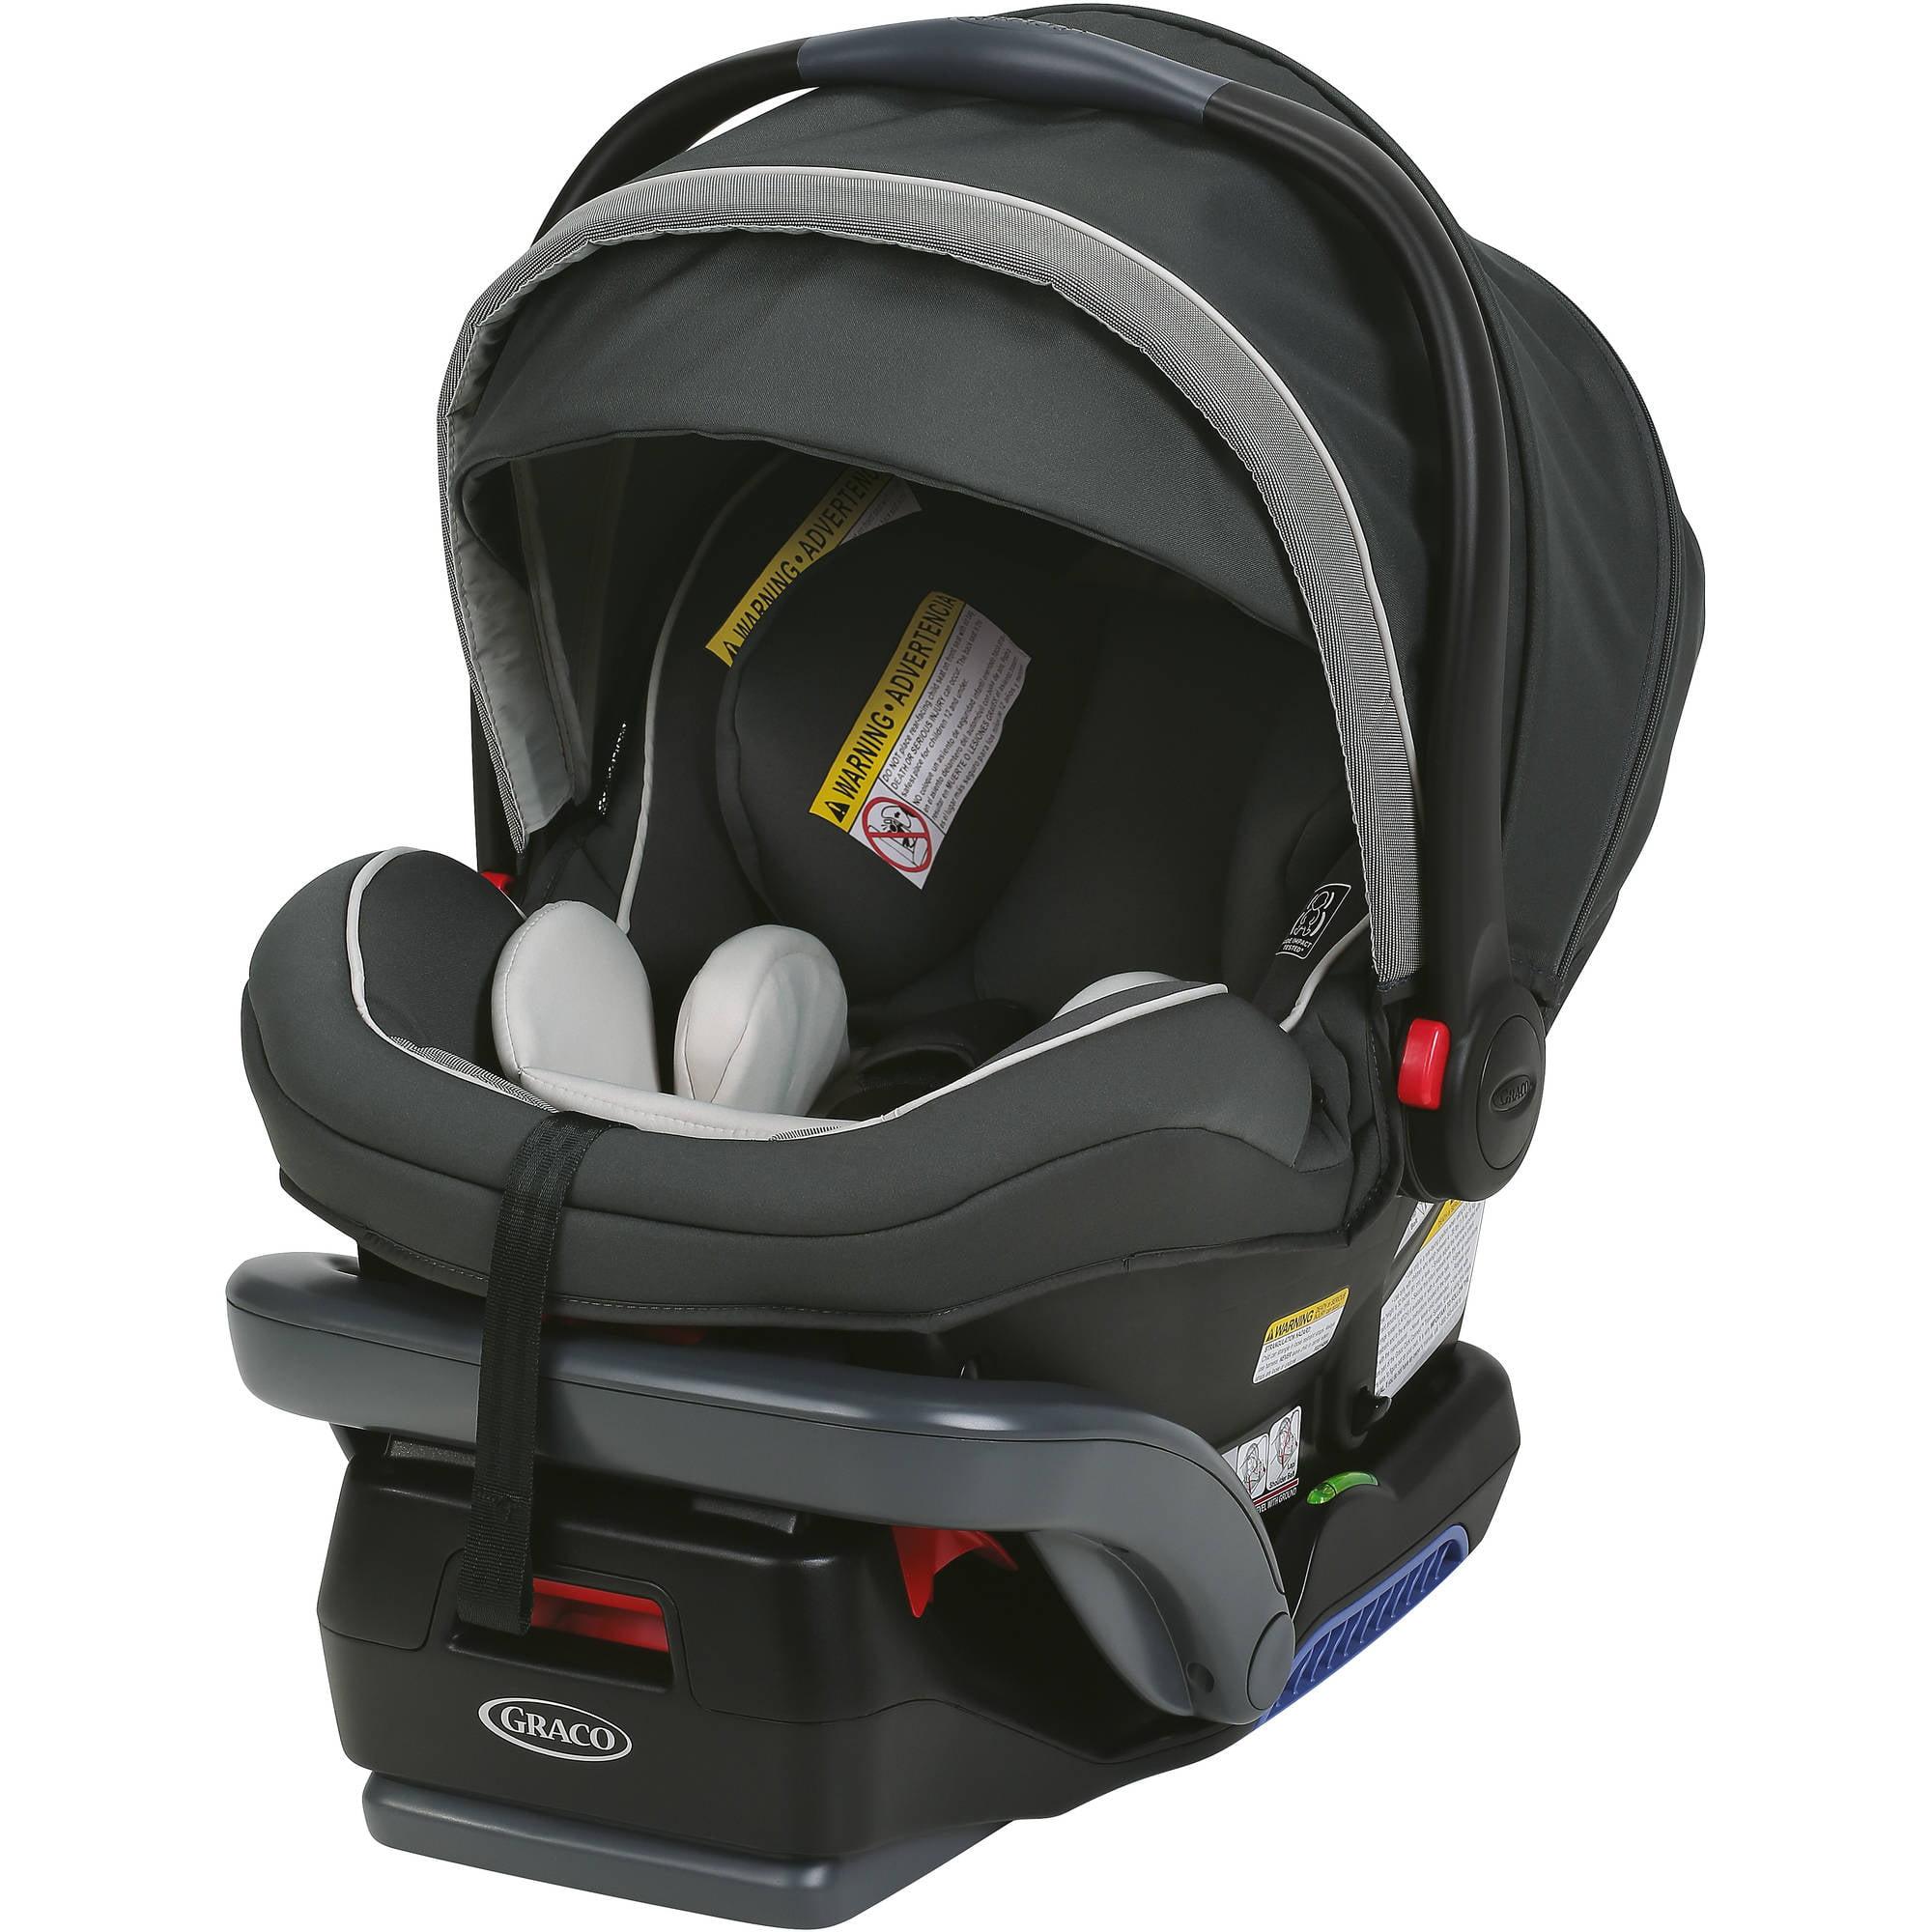 graco snugride snuglock 35 elite infant car seat oakley with nuk simply natural 5oz bottle 1. Black Bedroom Furniture Sets. Home Design Ideas